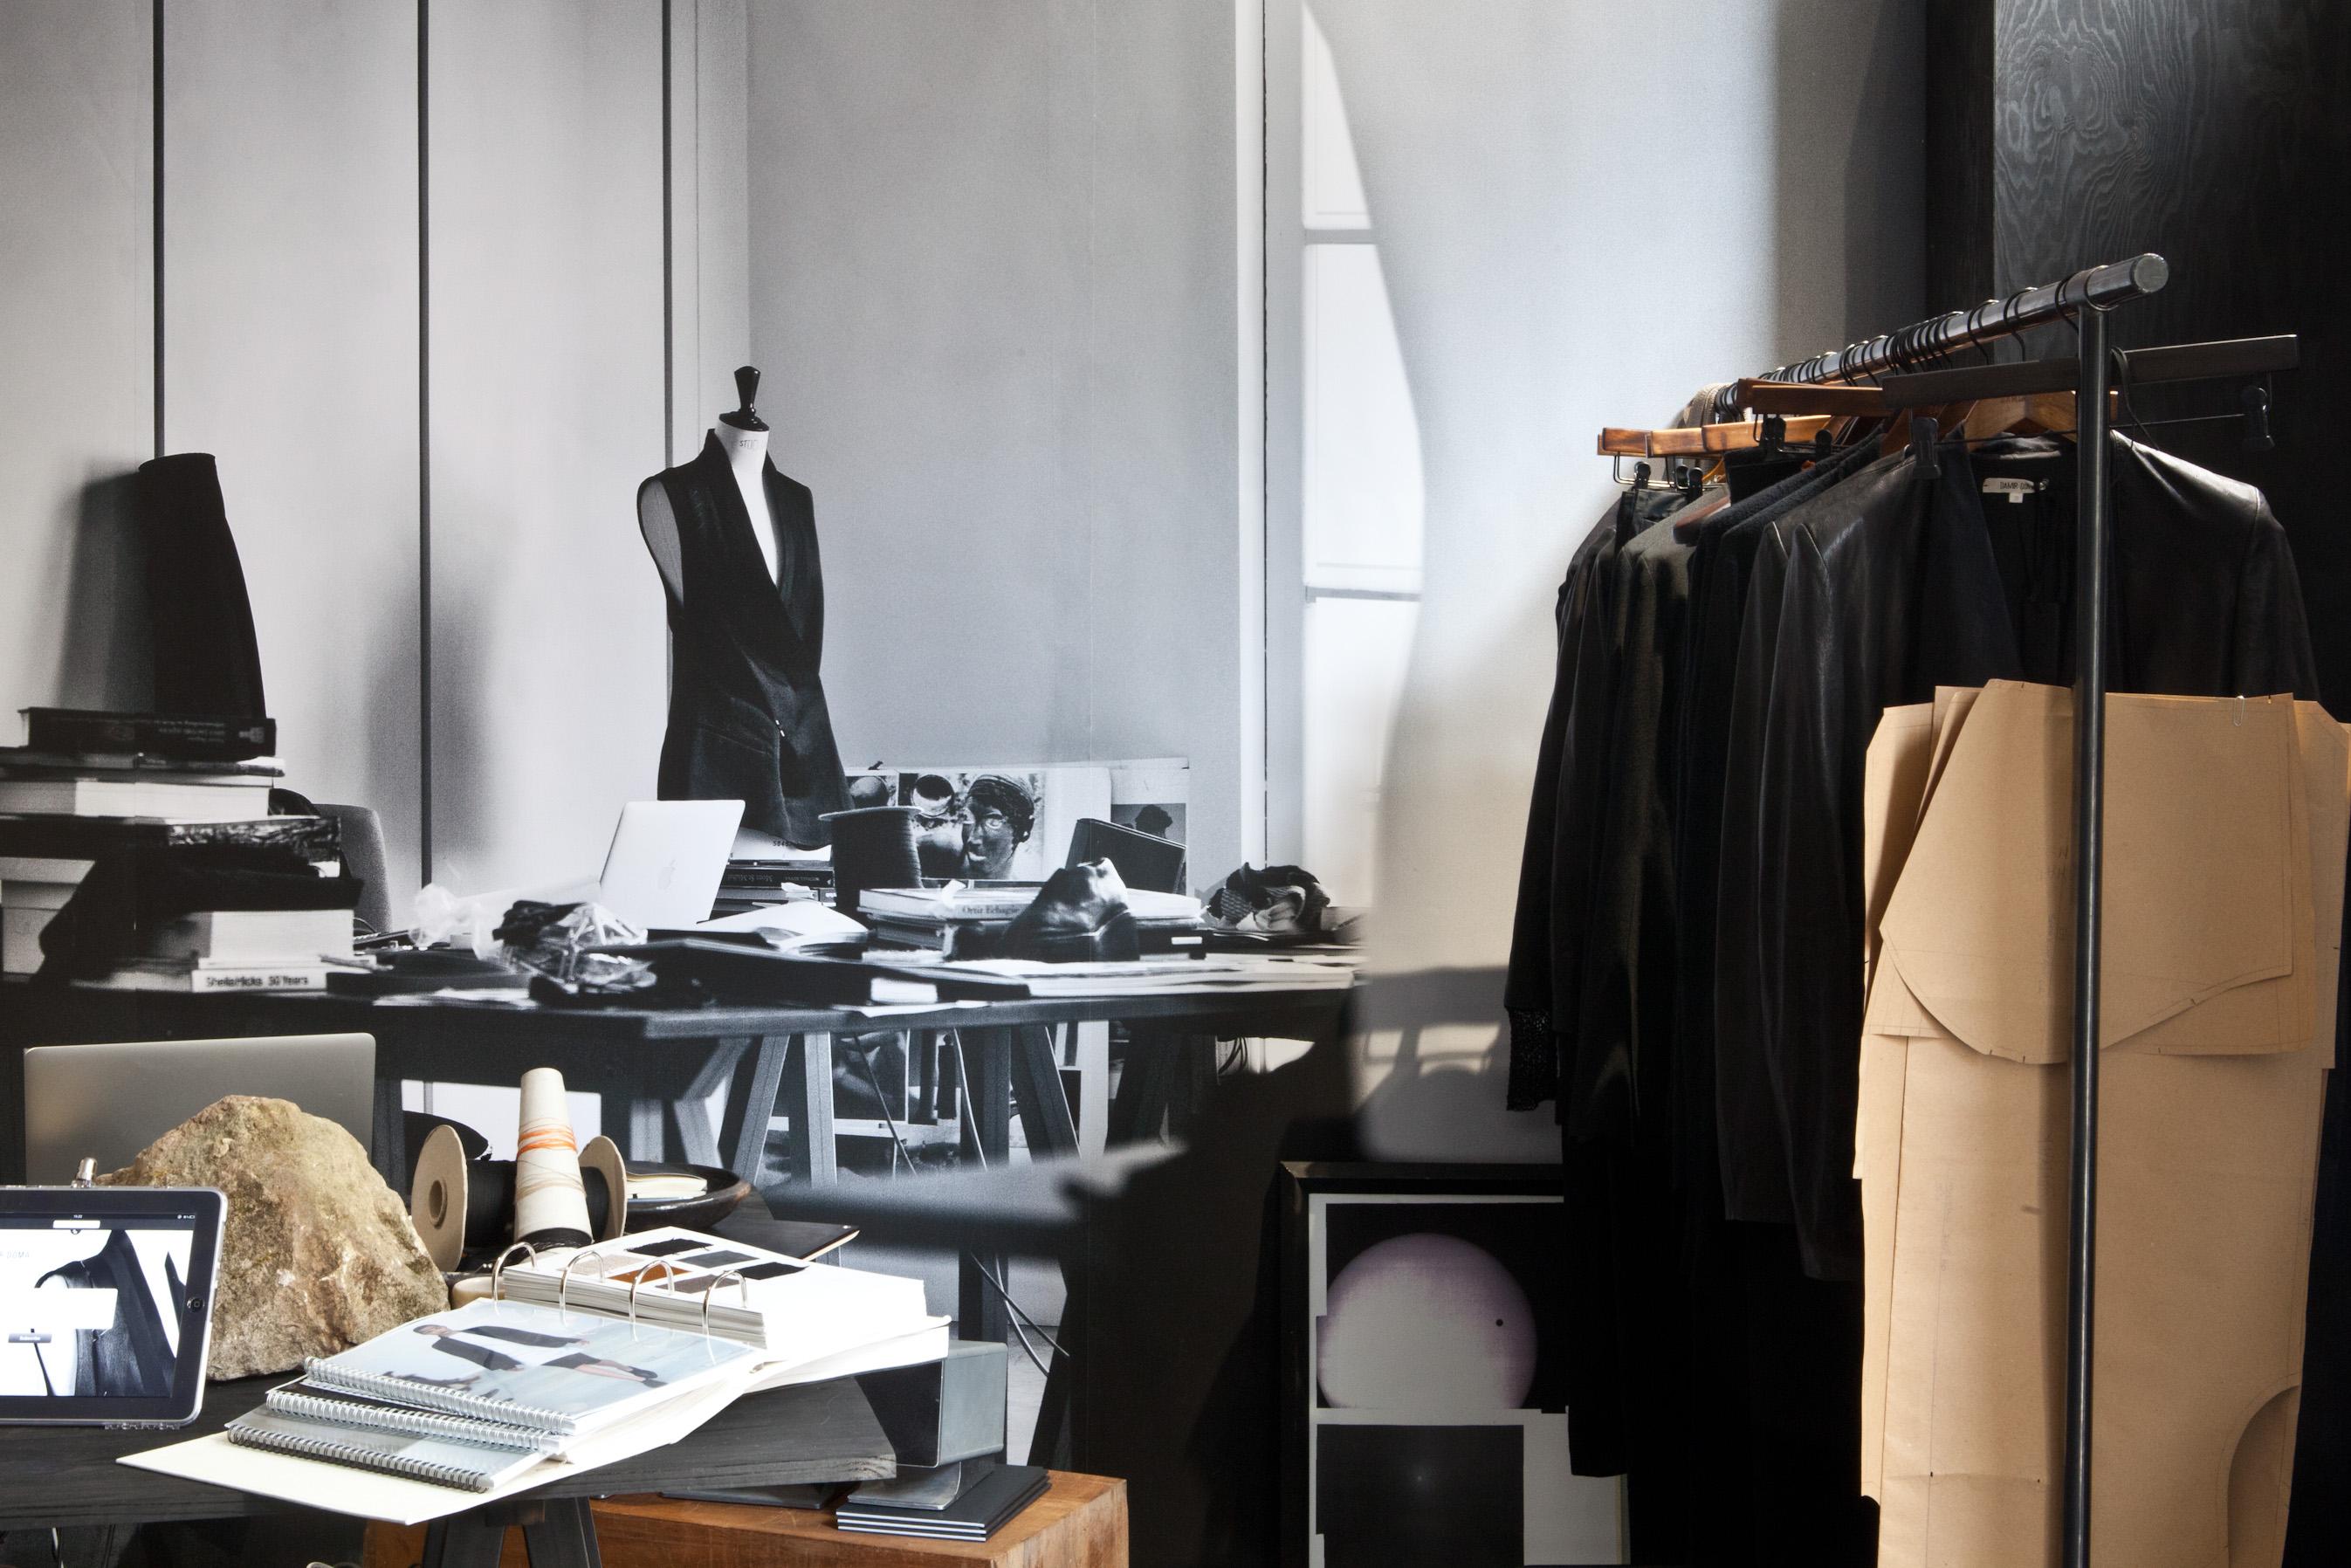 f13a001fb Moda  el diseño chileno en los tiempos del retail - El Mostrador